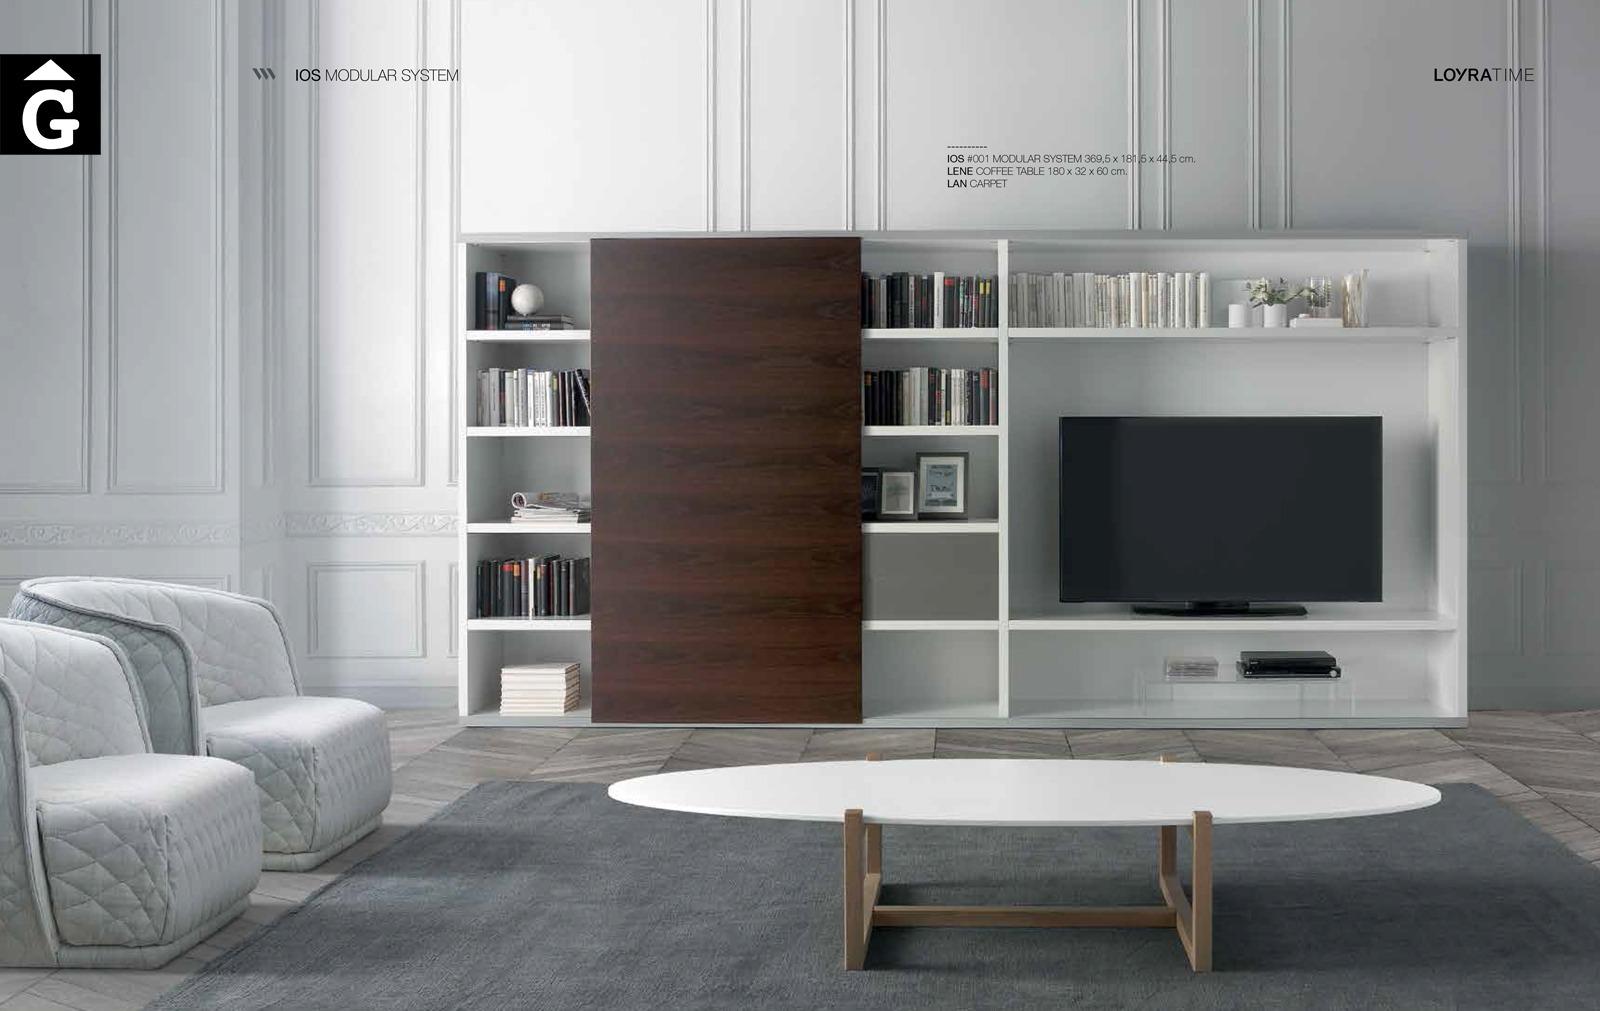 Moble TV IOS Loyra muebles by mobles Gifreu Idees per la llar moble de qualitat